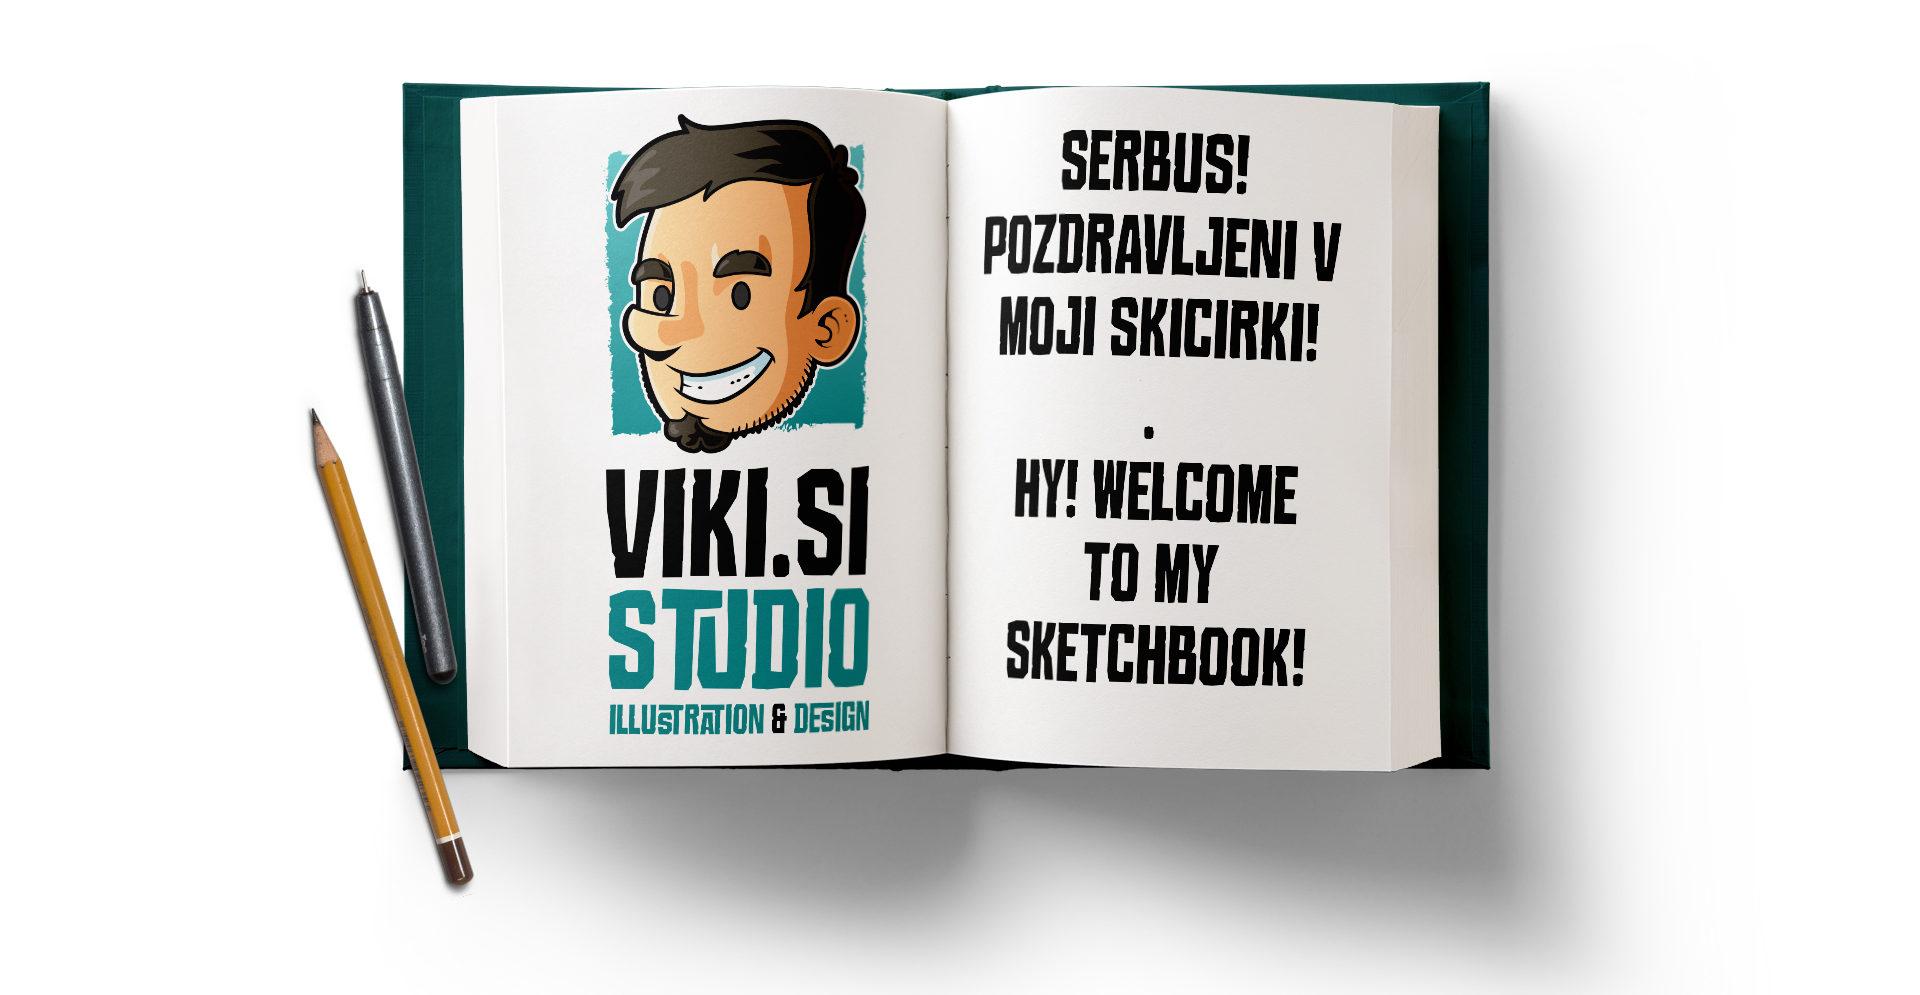 Viki.si